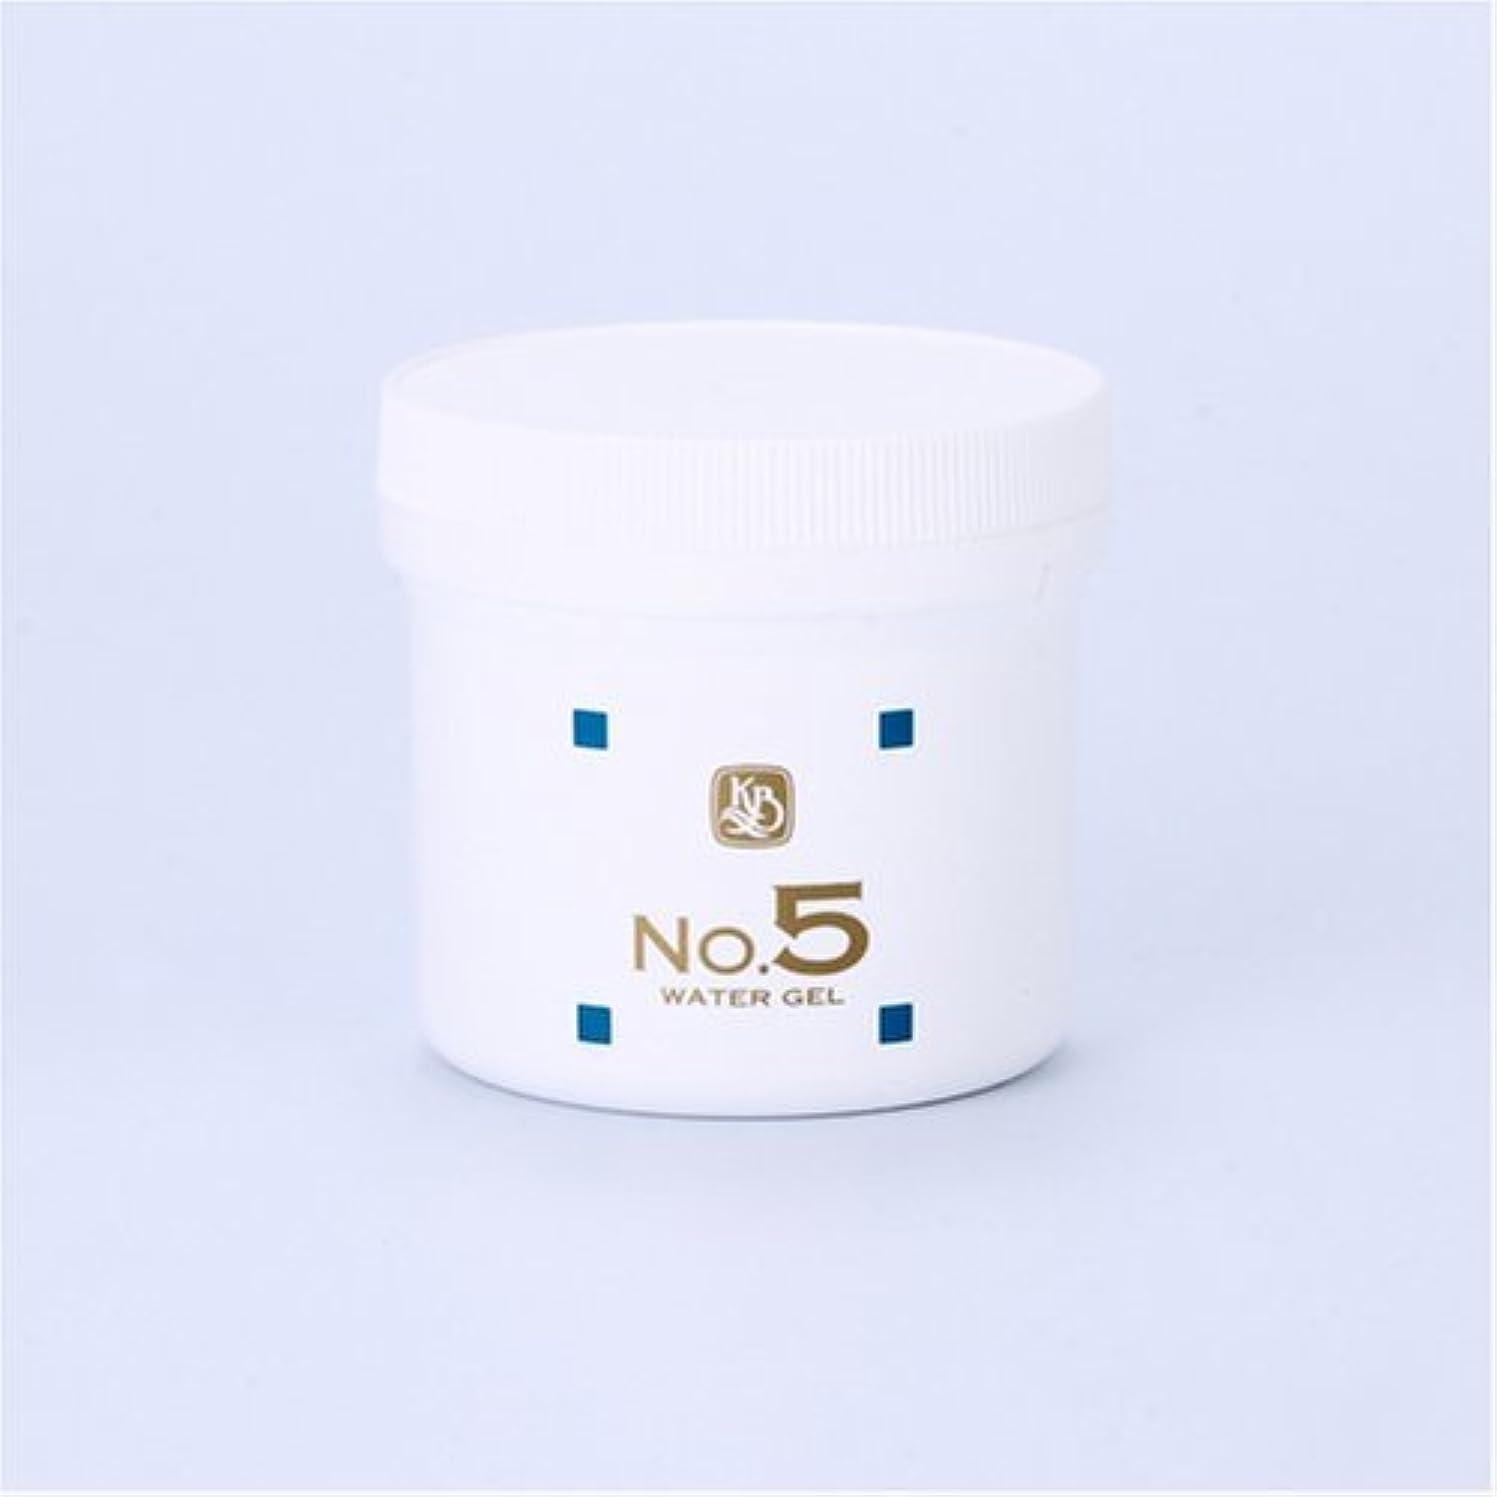 静めるぐったり腫瘍顔を洗う水シリーズ ウォーターゲルNo5(鎮静パック) 250g